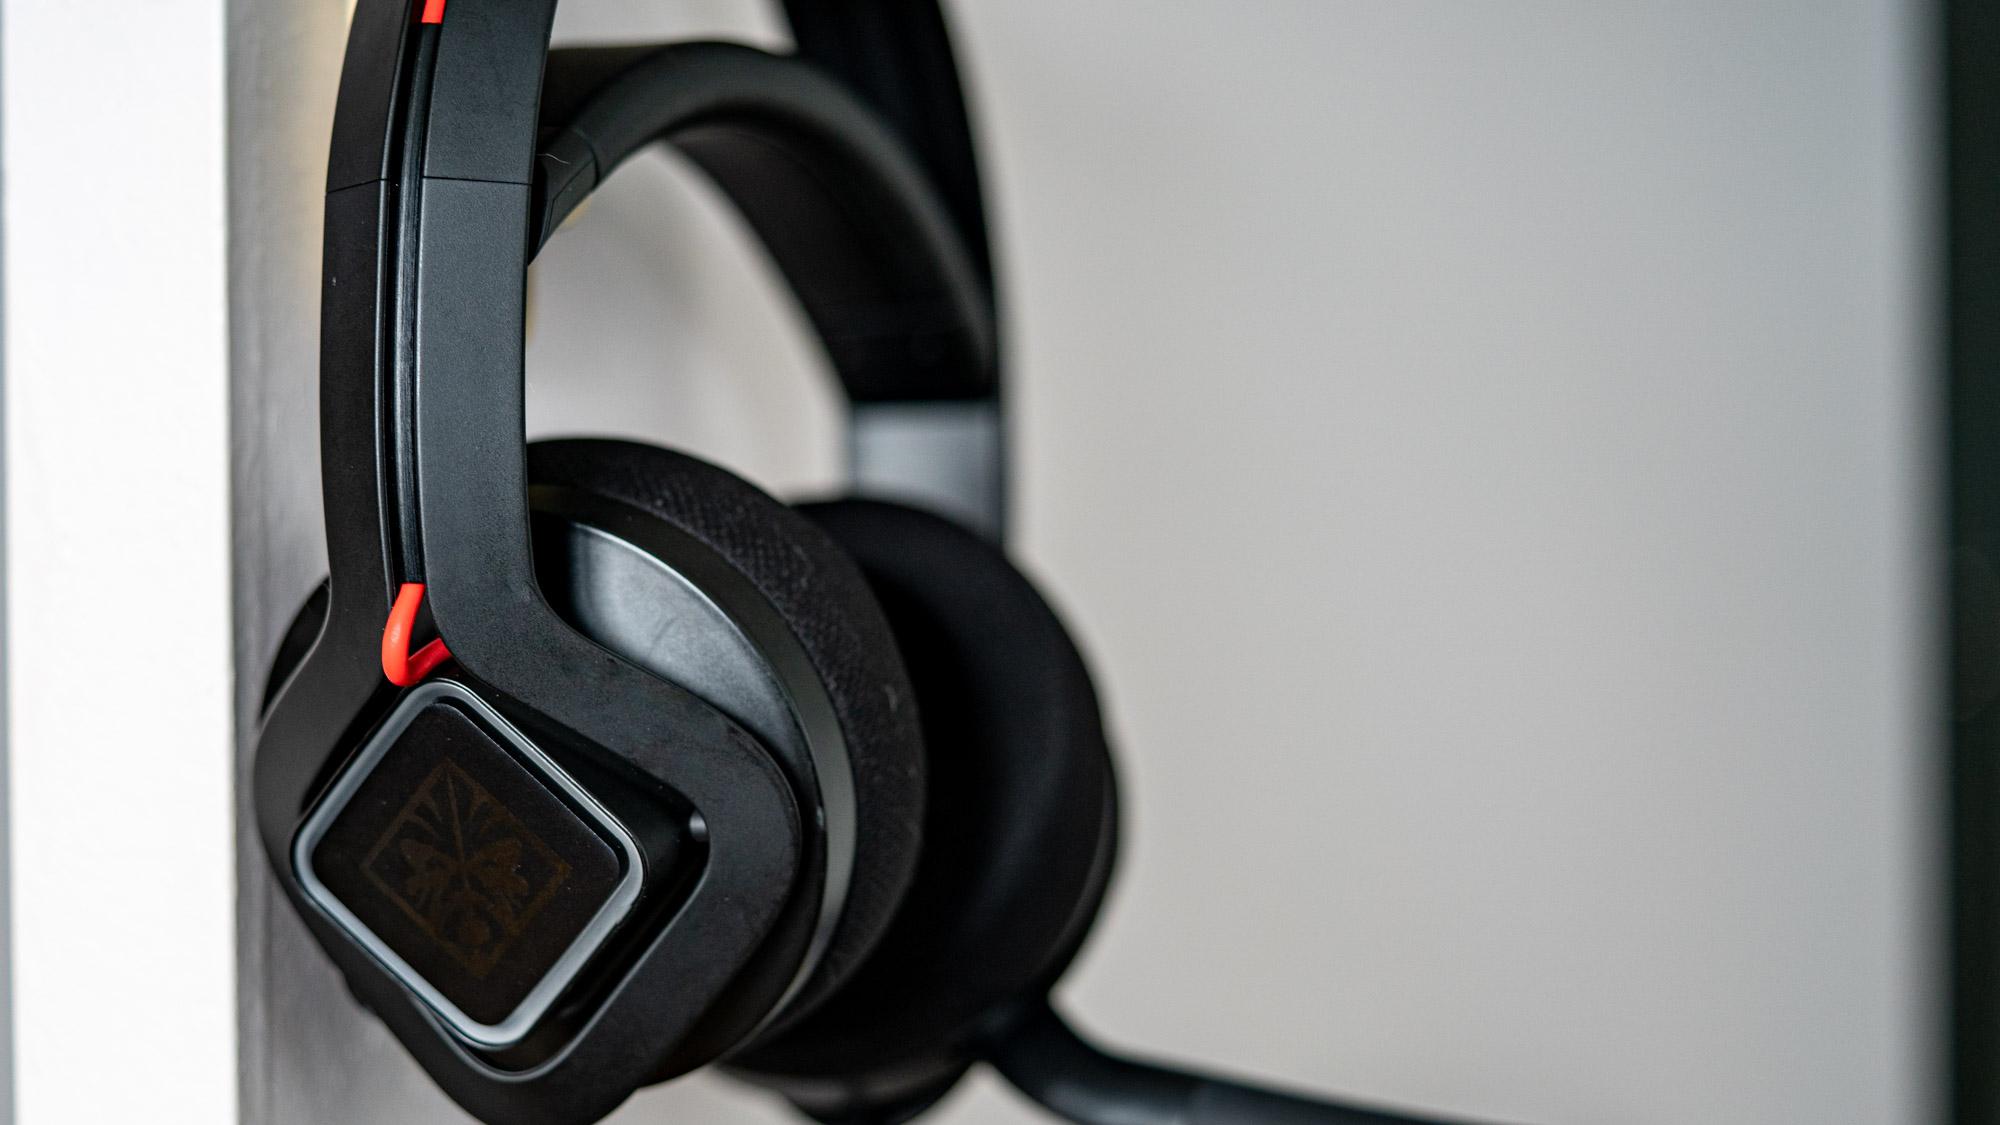 HP Omen Mindframe Gaming Headset